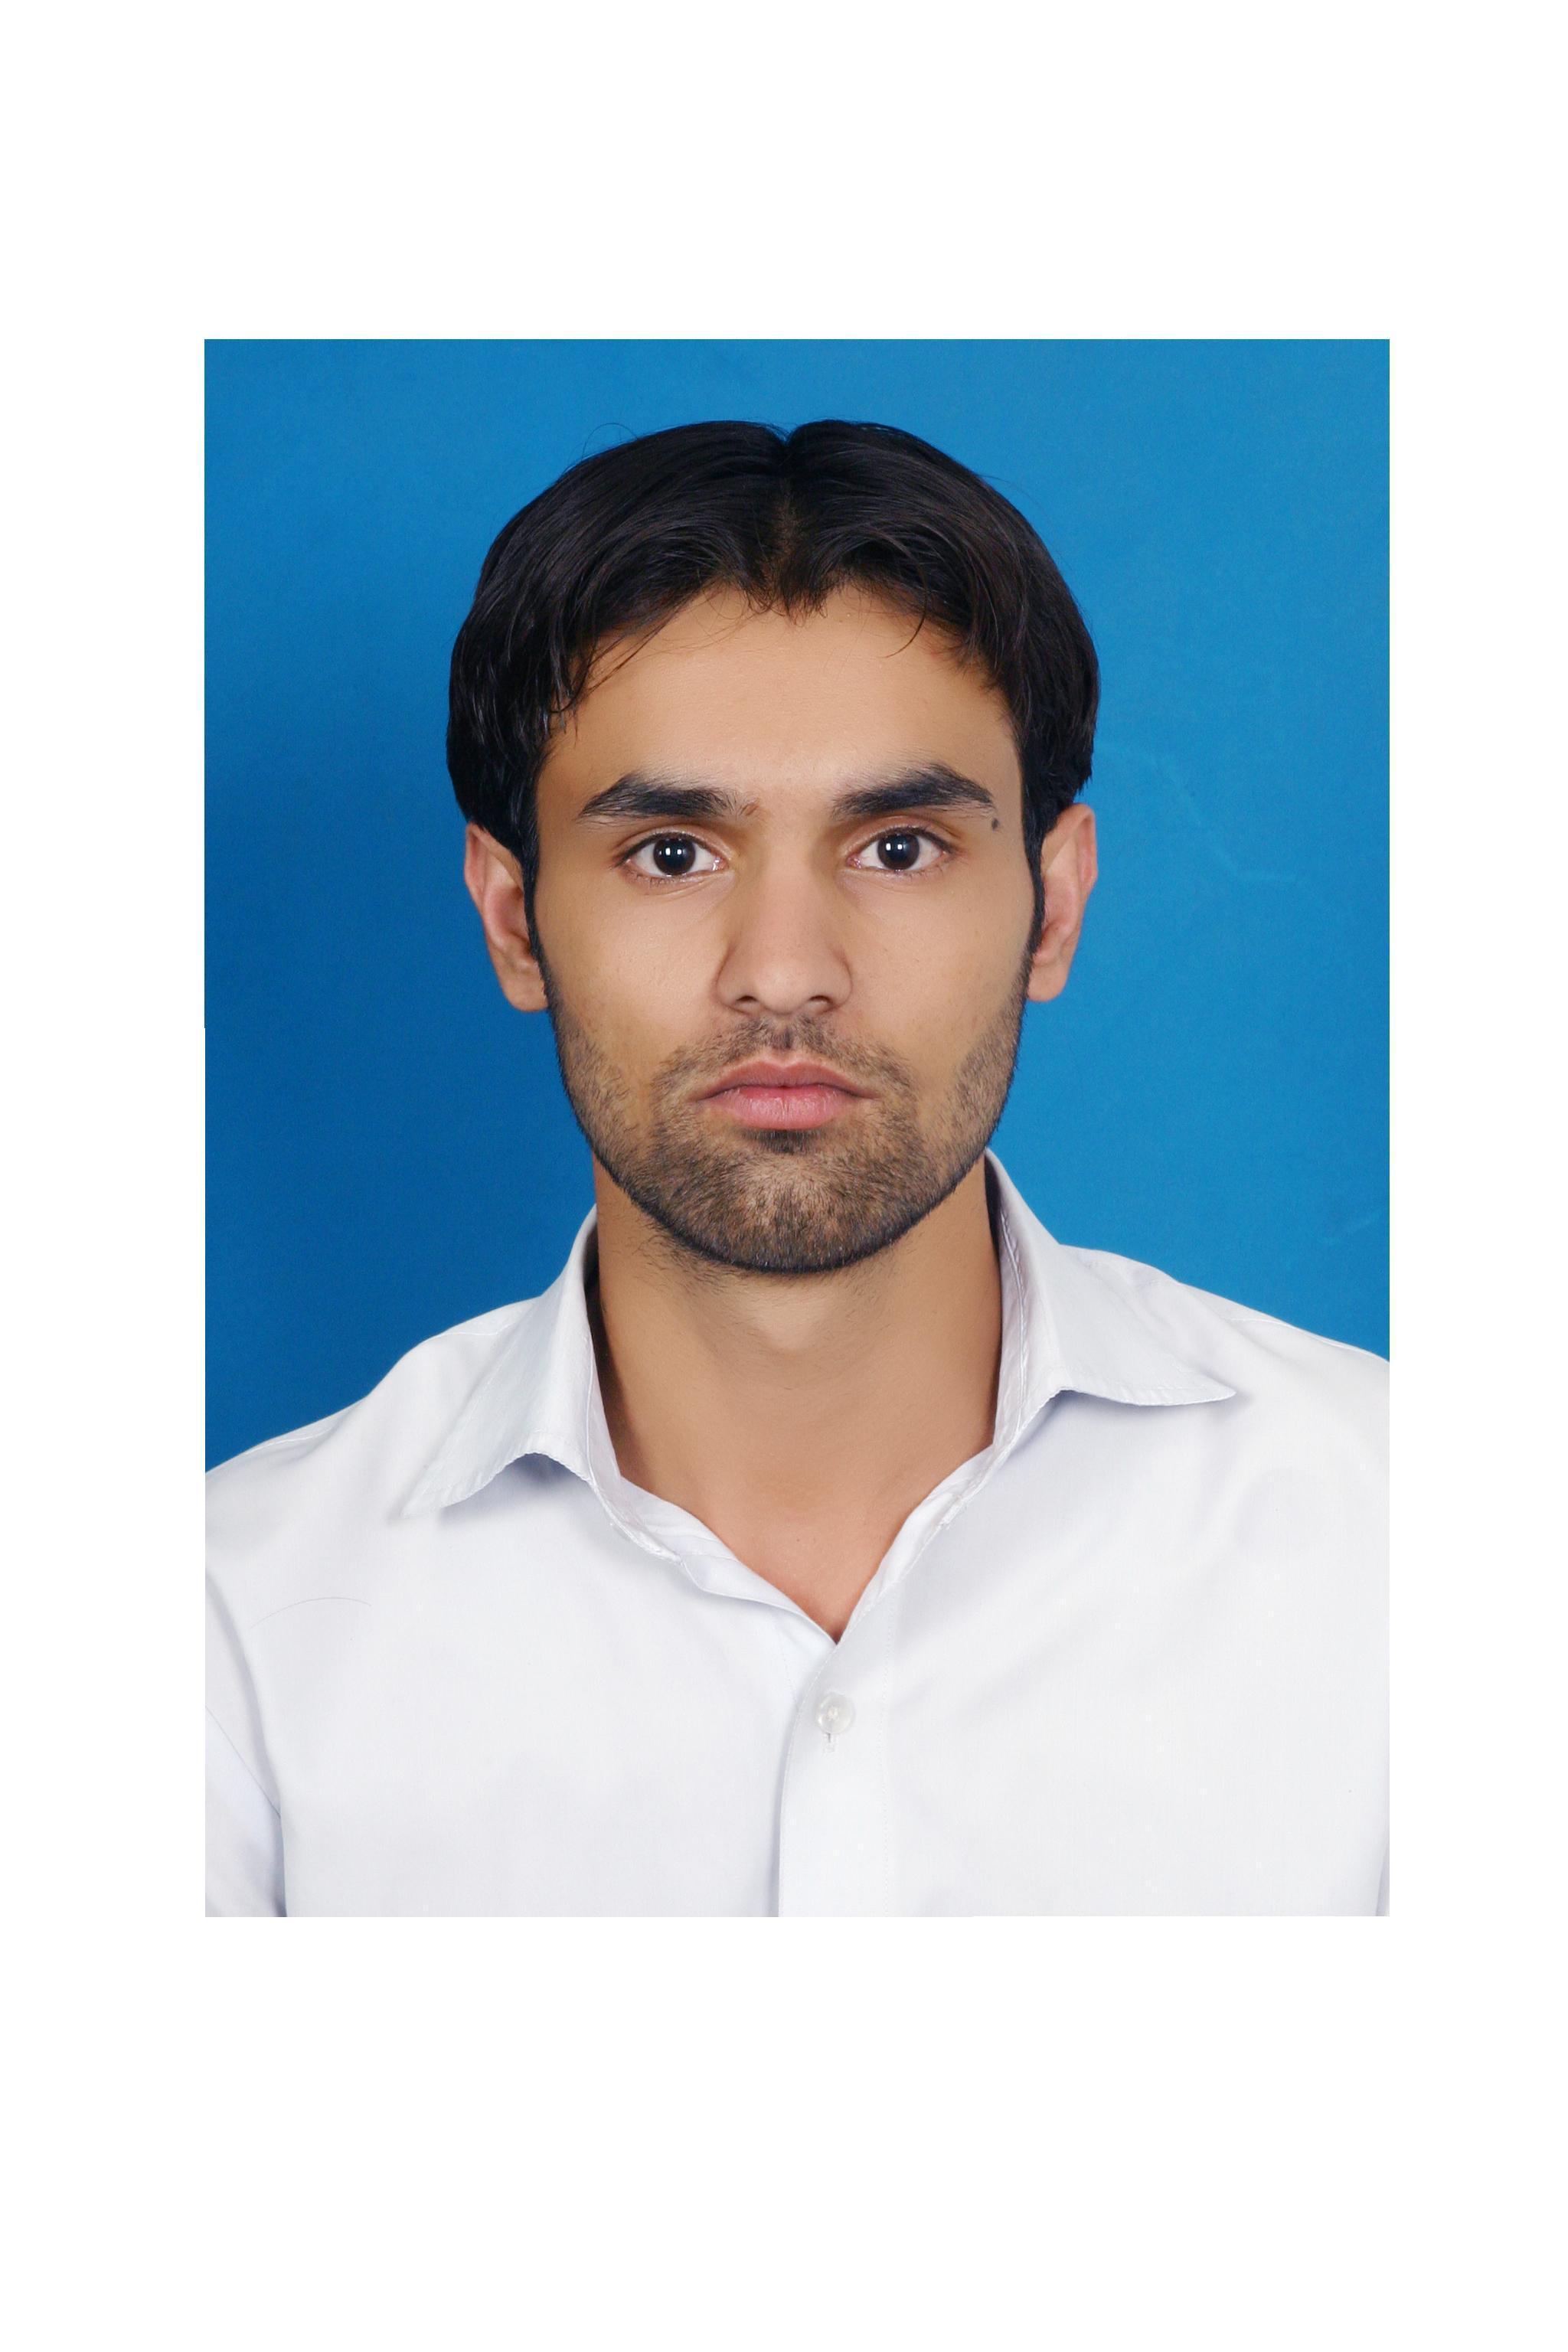 Tajdar Ali